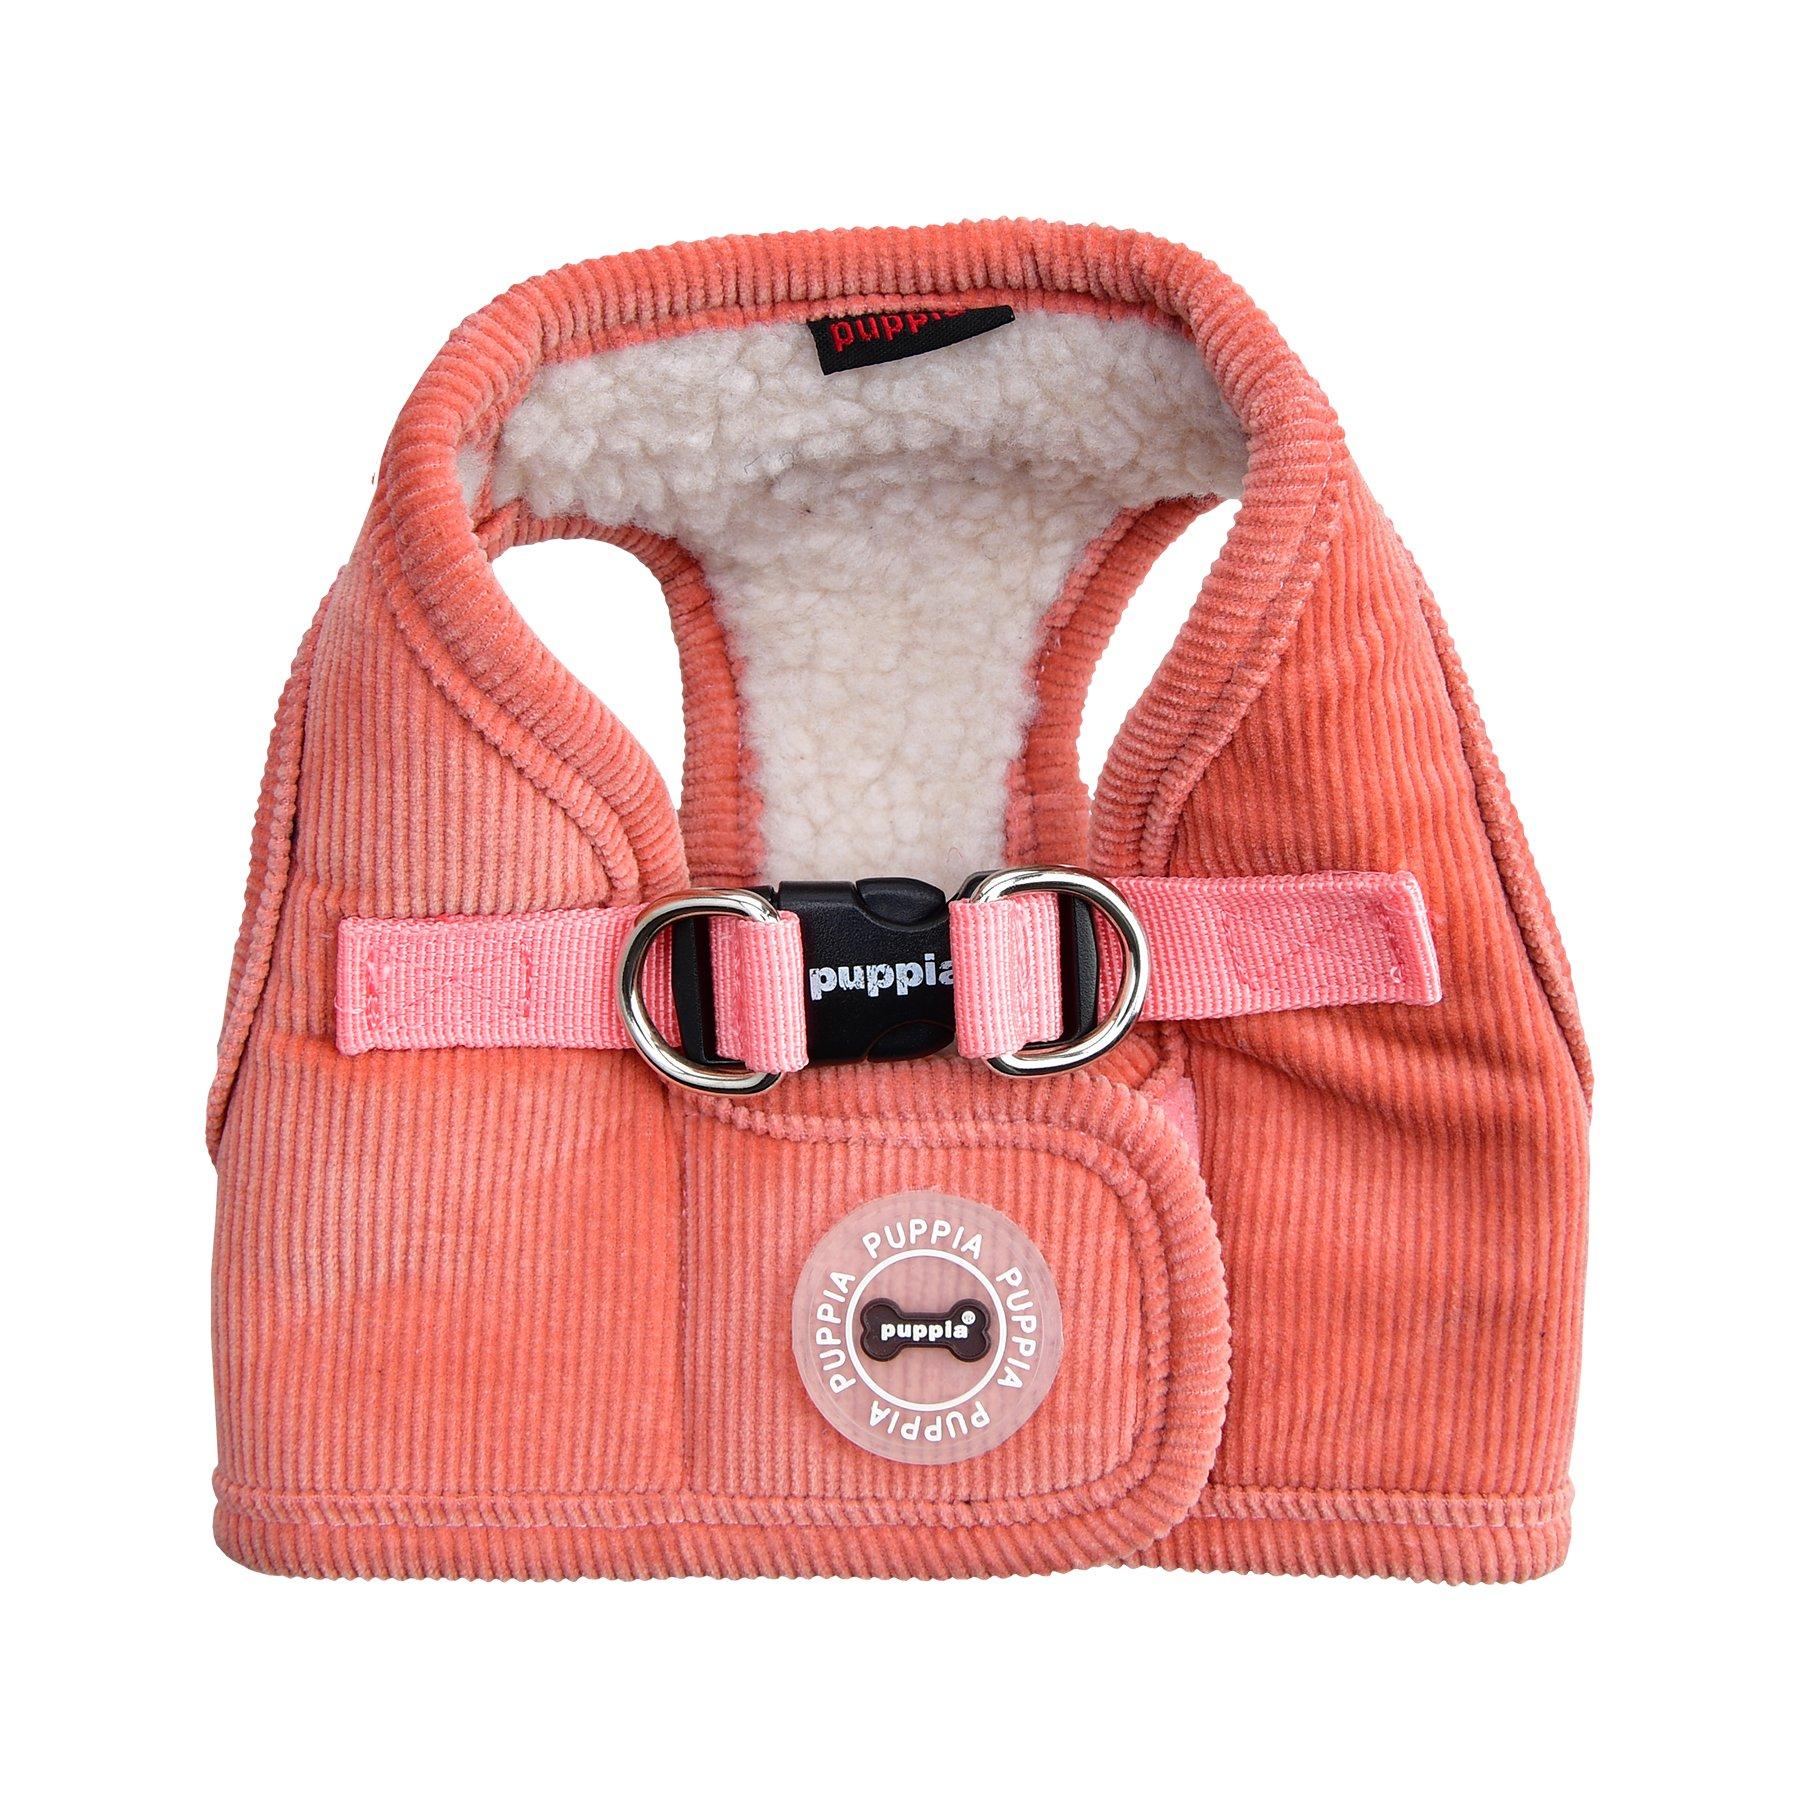 Puppia Classy Harness B, Small, Peach by Puppia